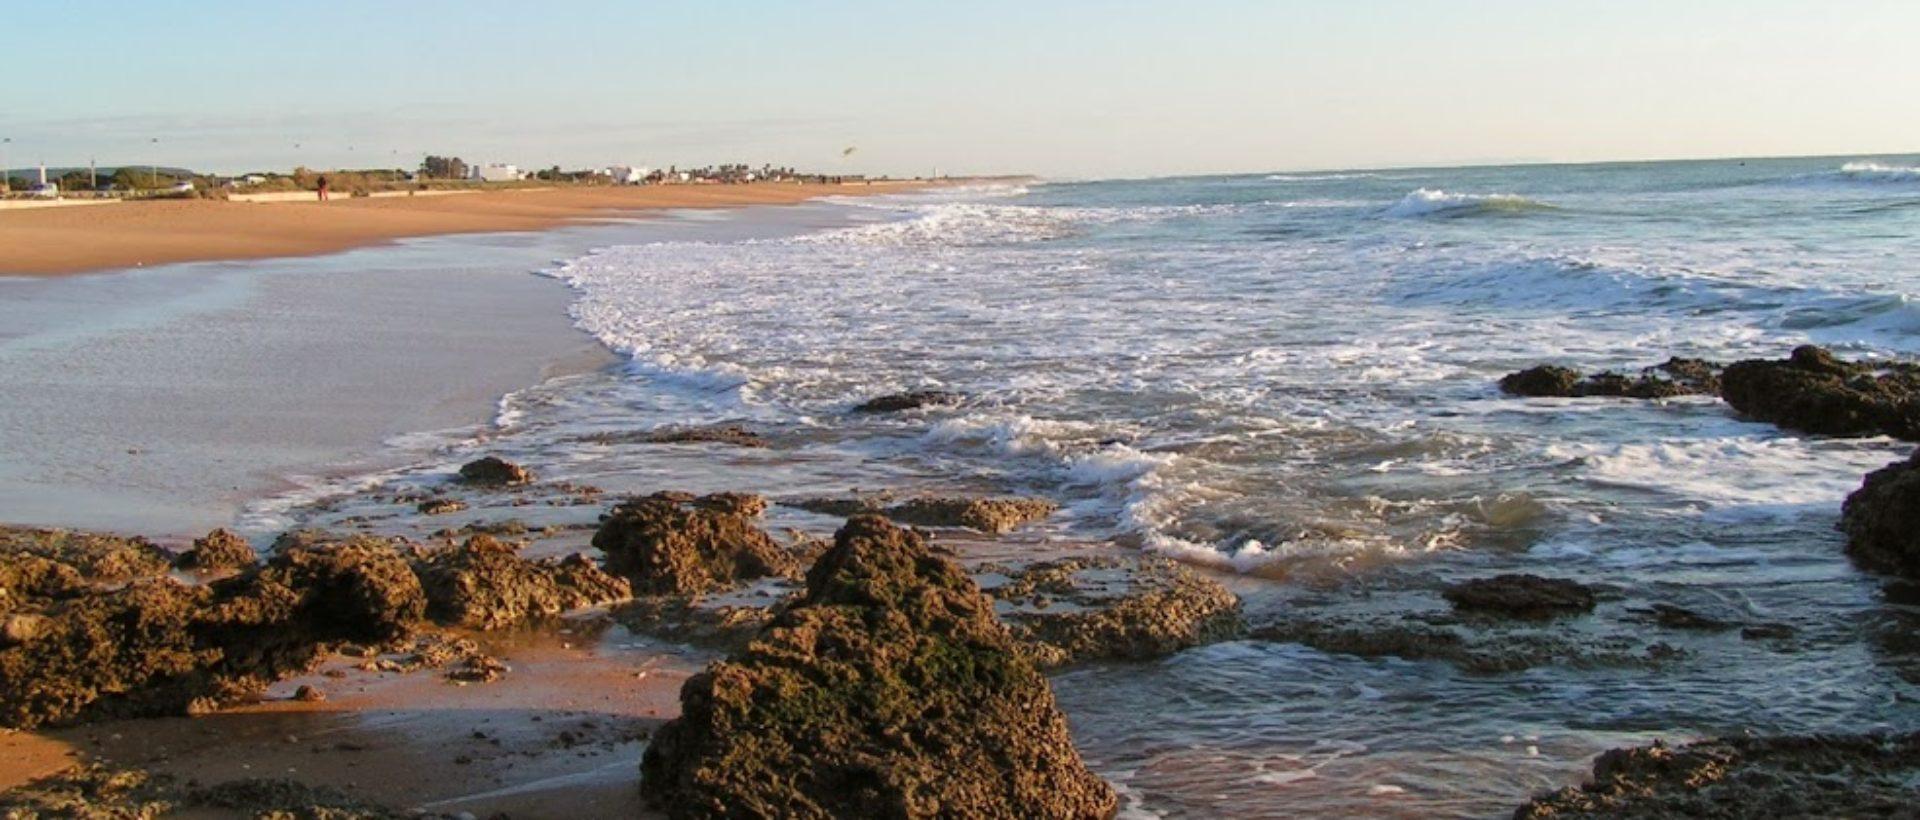 Vejer Costa  Cádiz | Playa de El Palmar